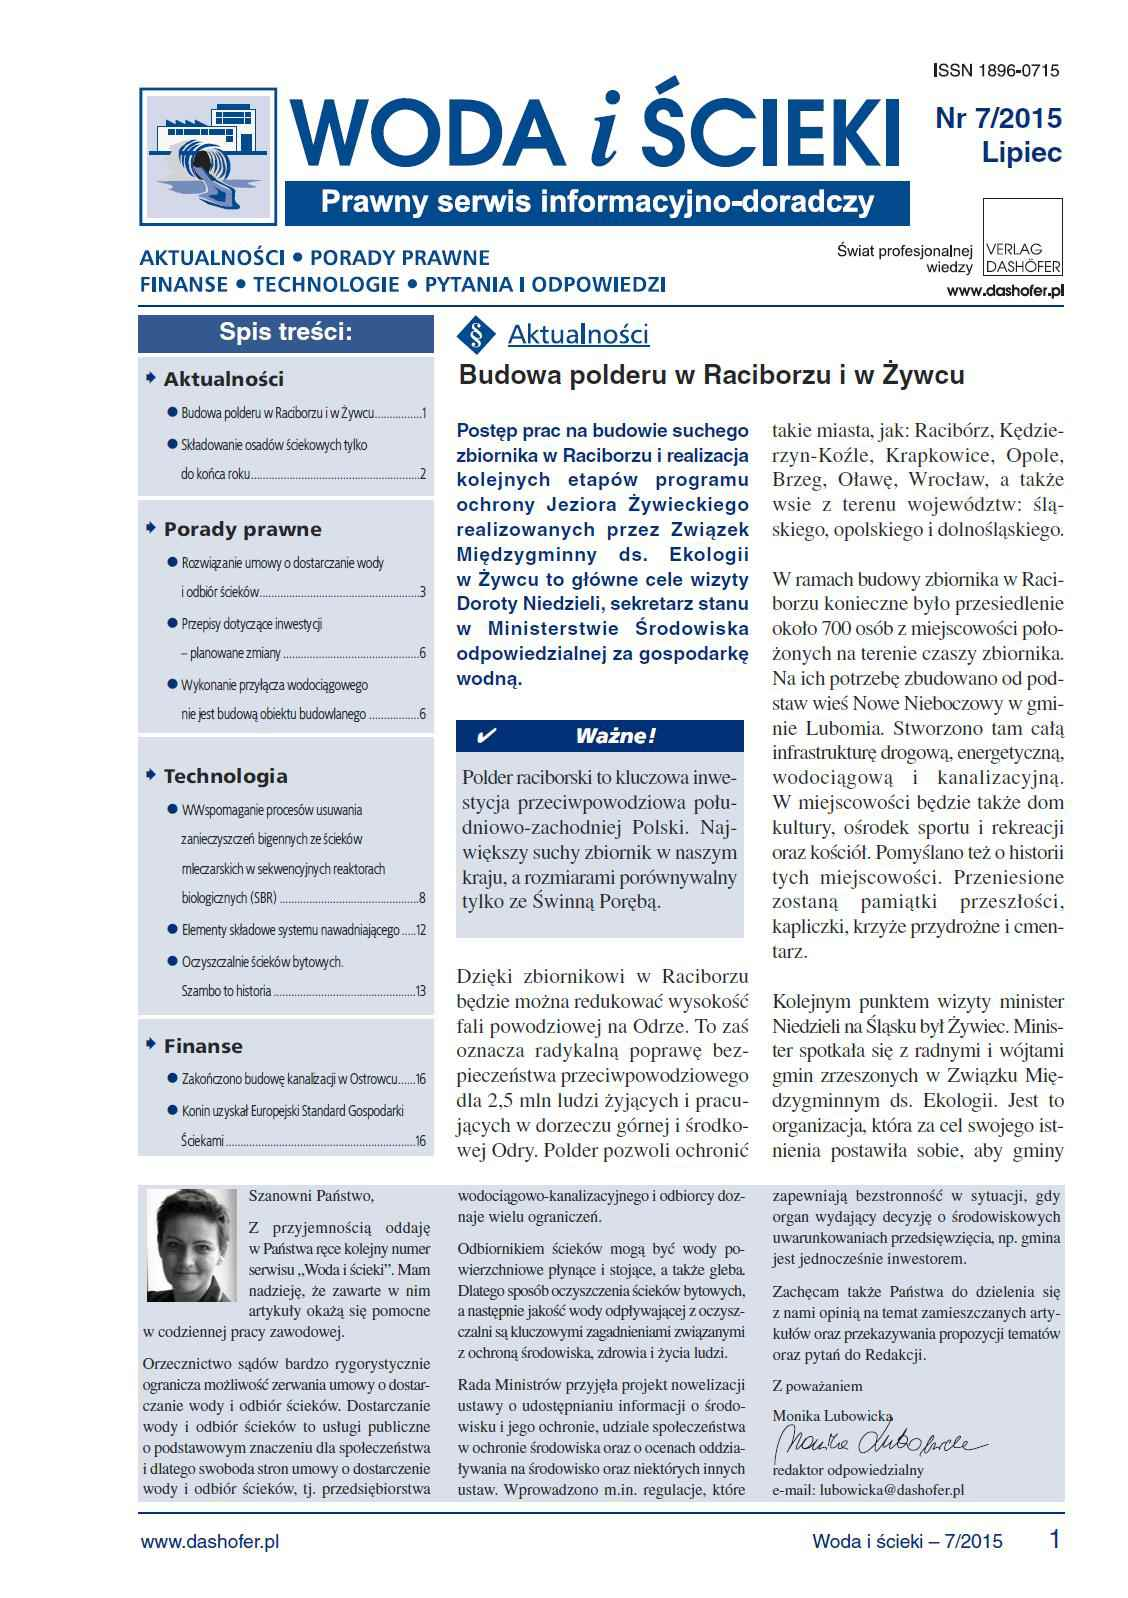 Woda i ścieki. Prawny serwis informacyjno-doradczy. Nr 7/2015 - Ebook (Książka PDF) do pobrania w formacie PDF